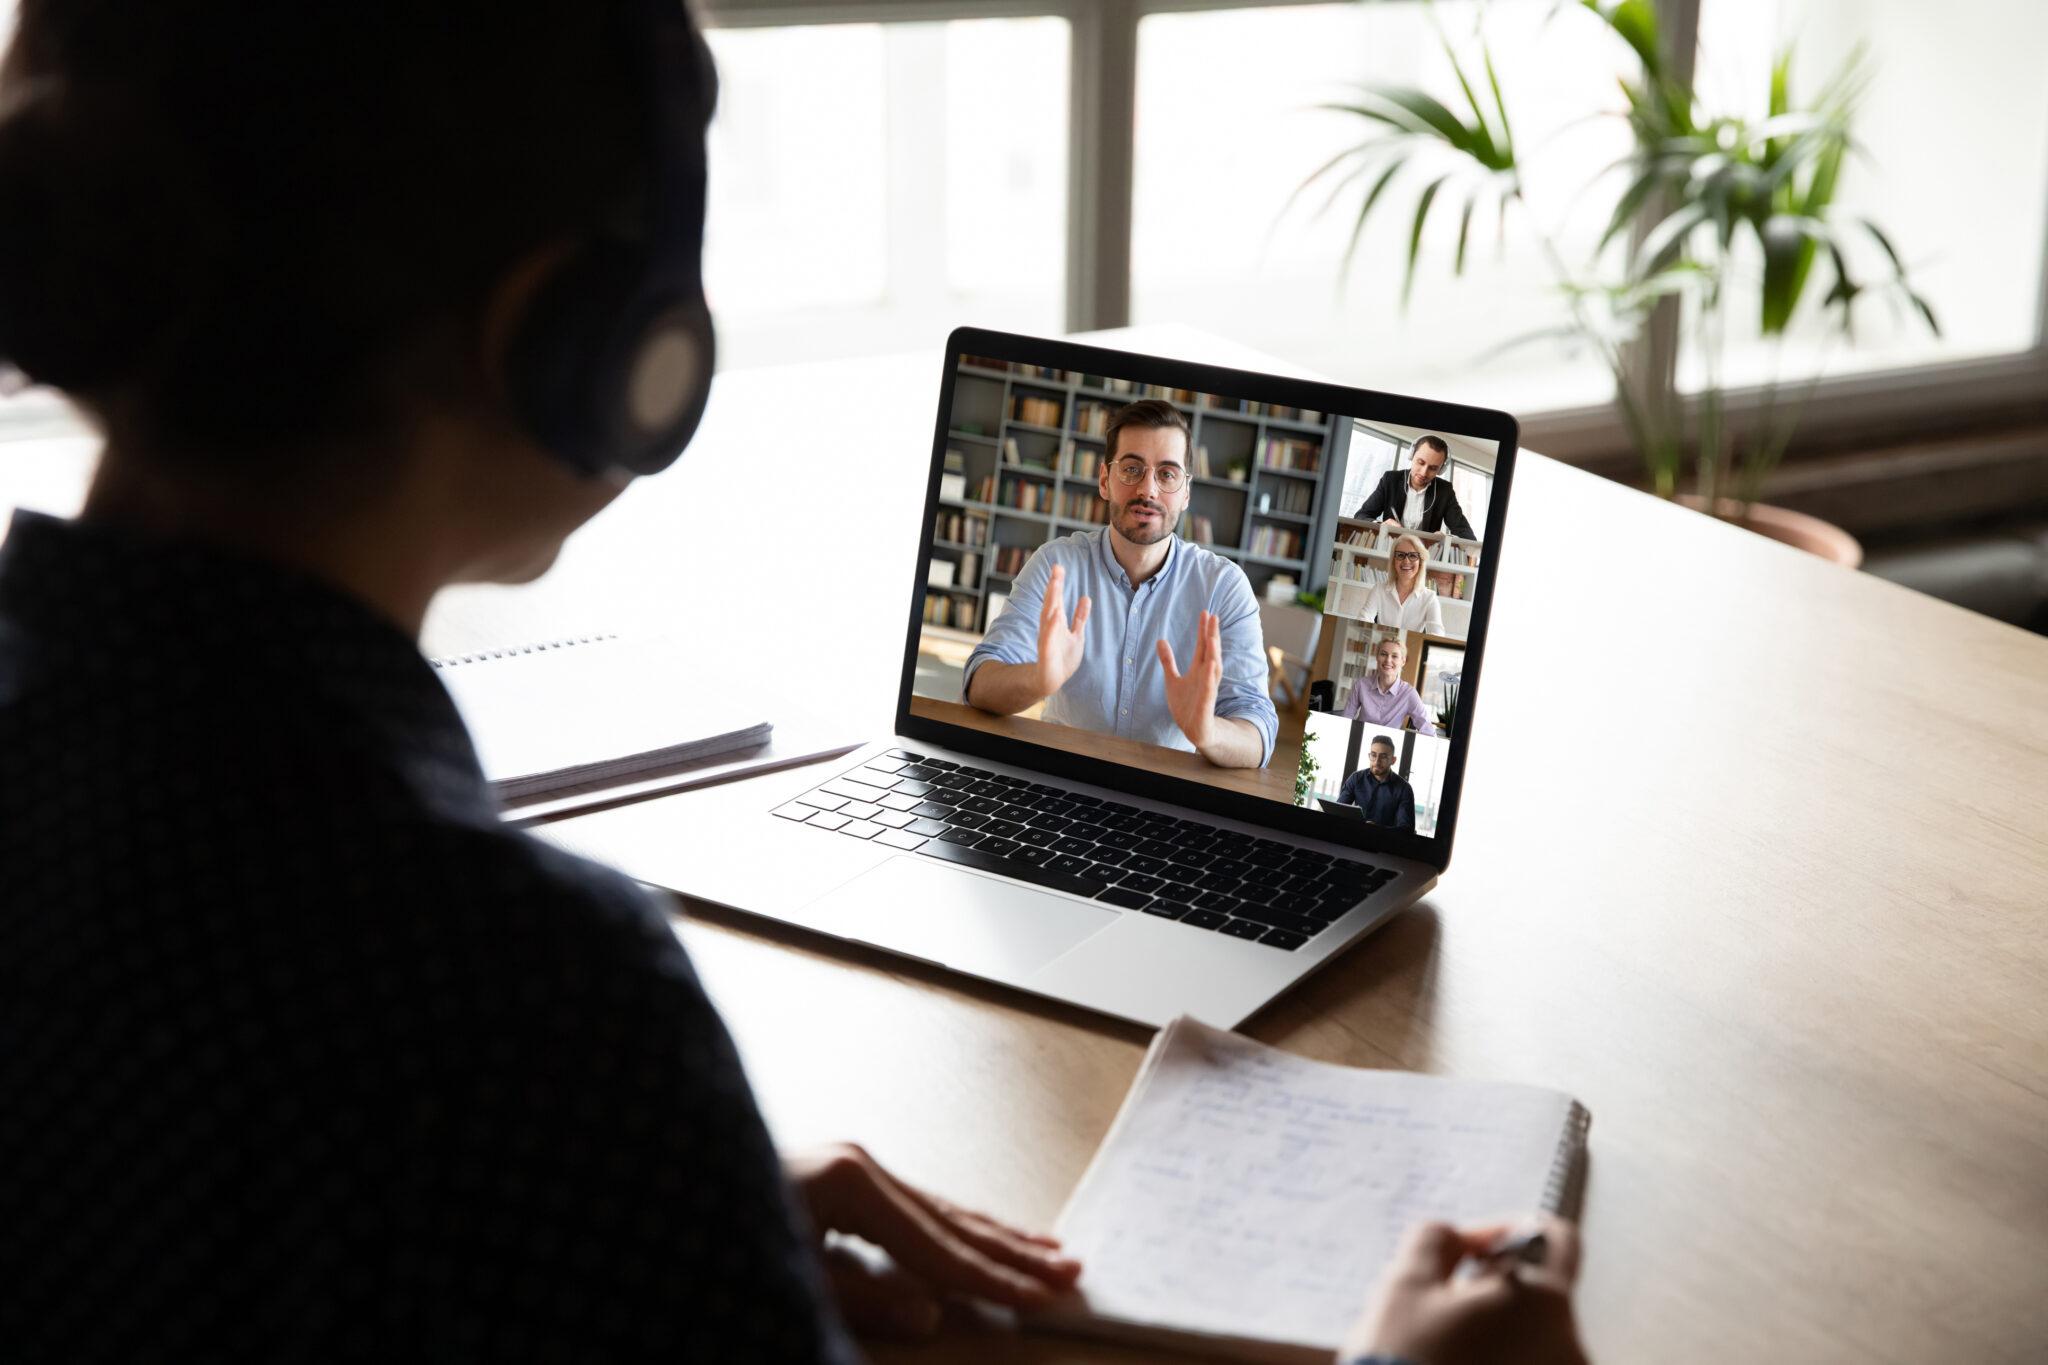 Eine Frau sitzt in einem Videomeeting